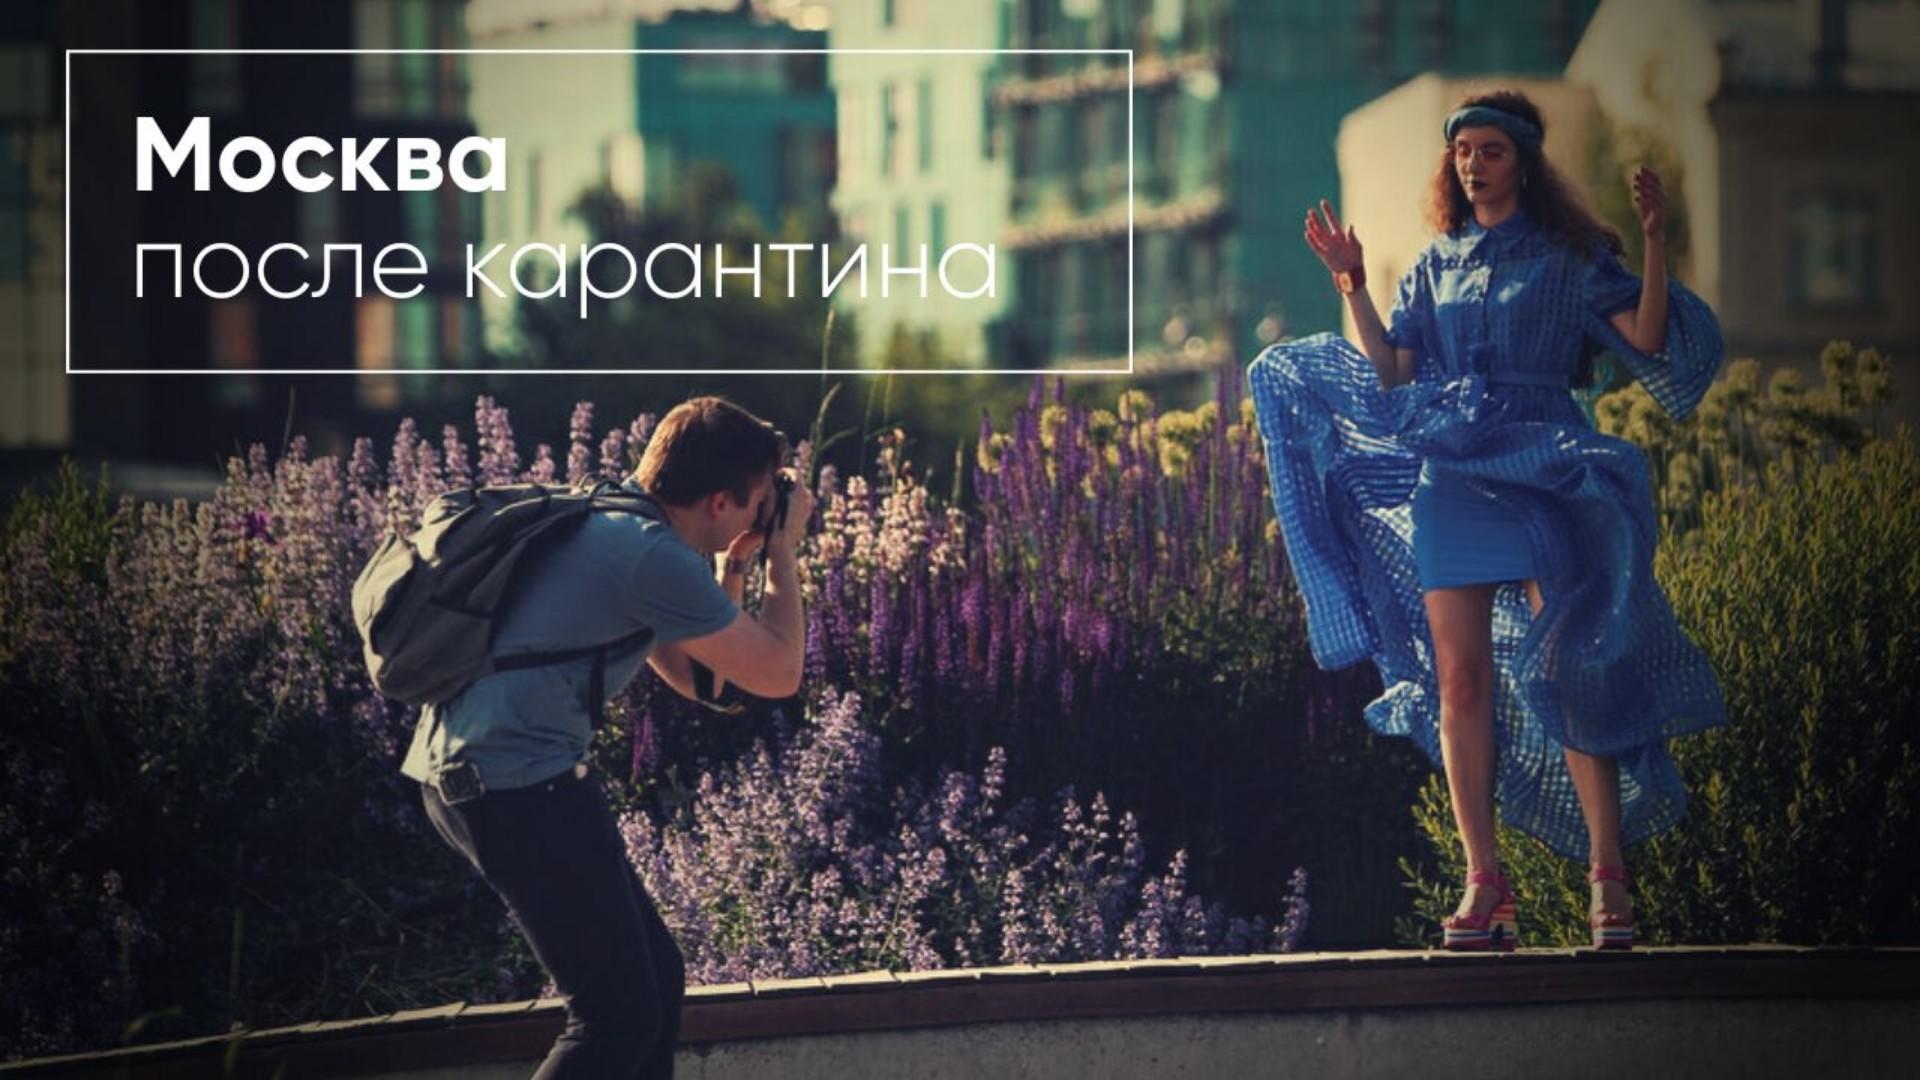 Как выглядит посткарантинная Москва: фотографии